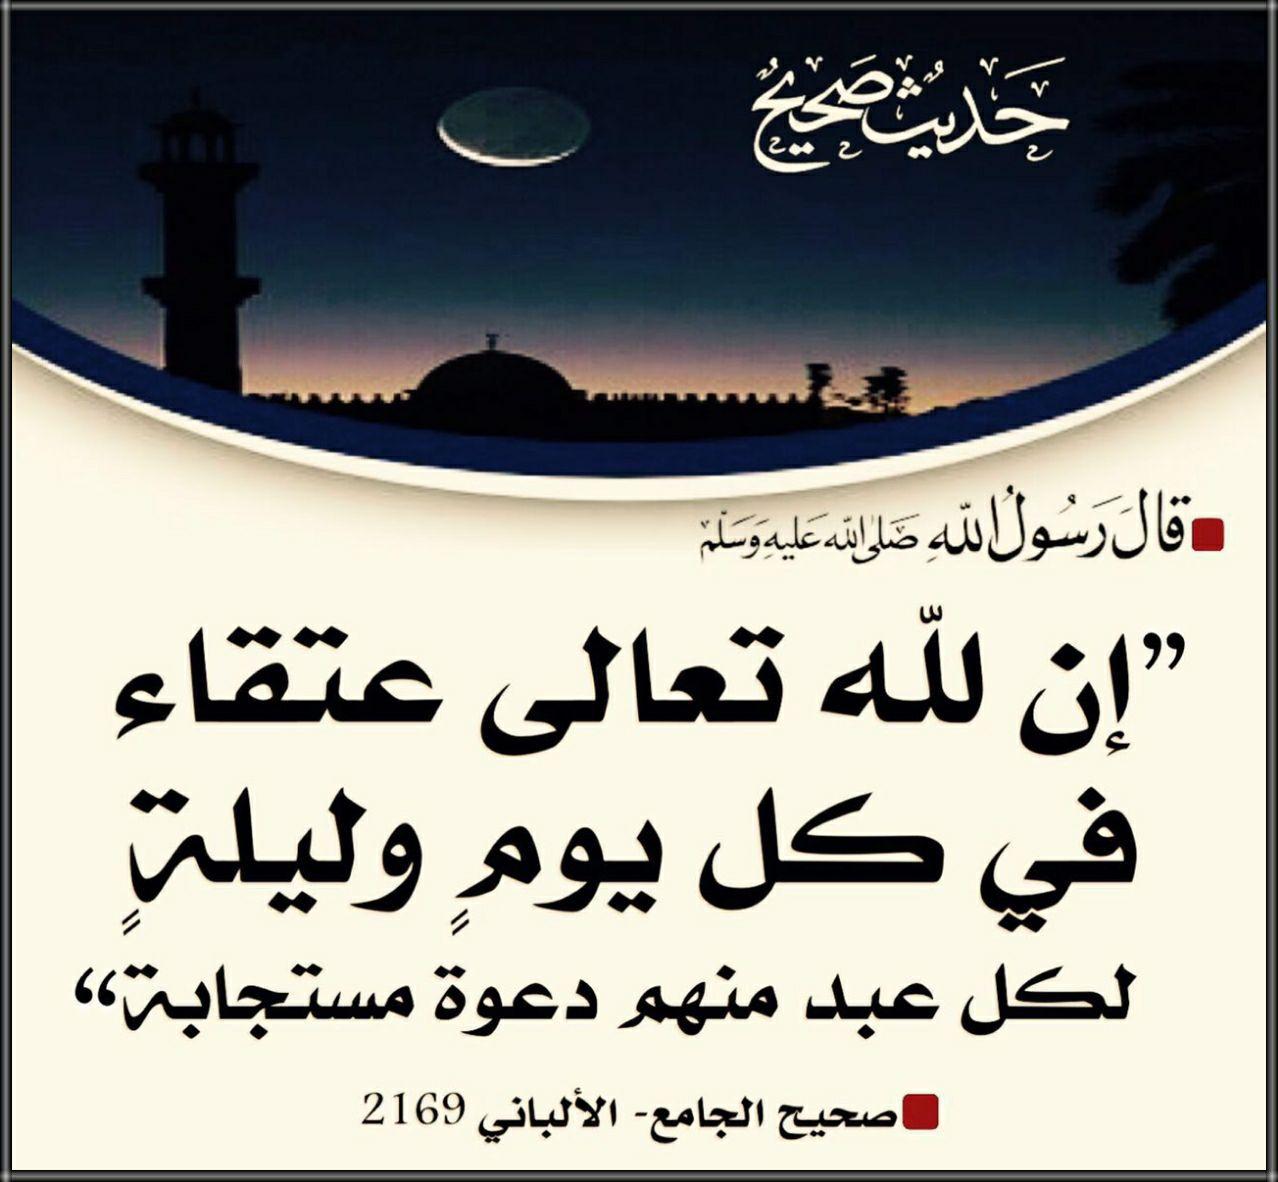 Pin By الأثر الجميل On أحاديث نبوية Hadith Ramadan Islam